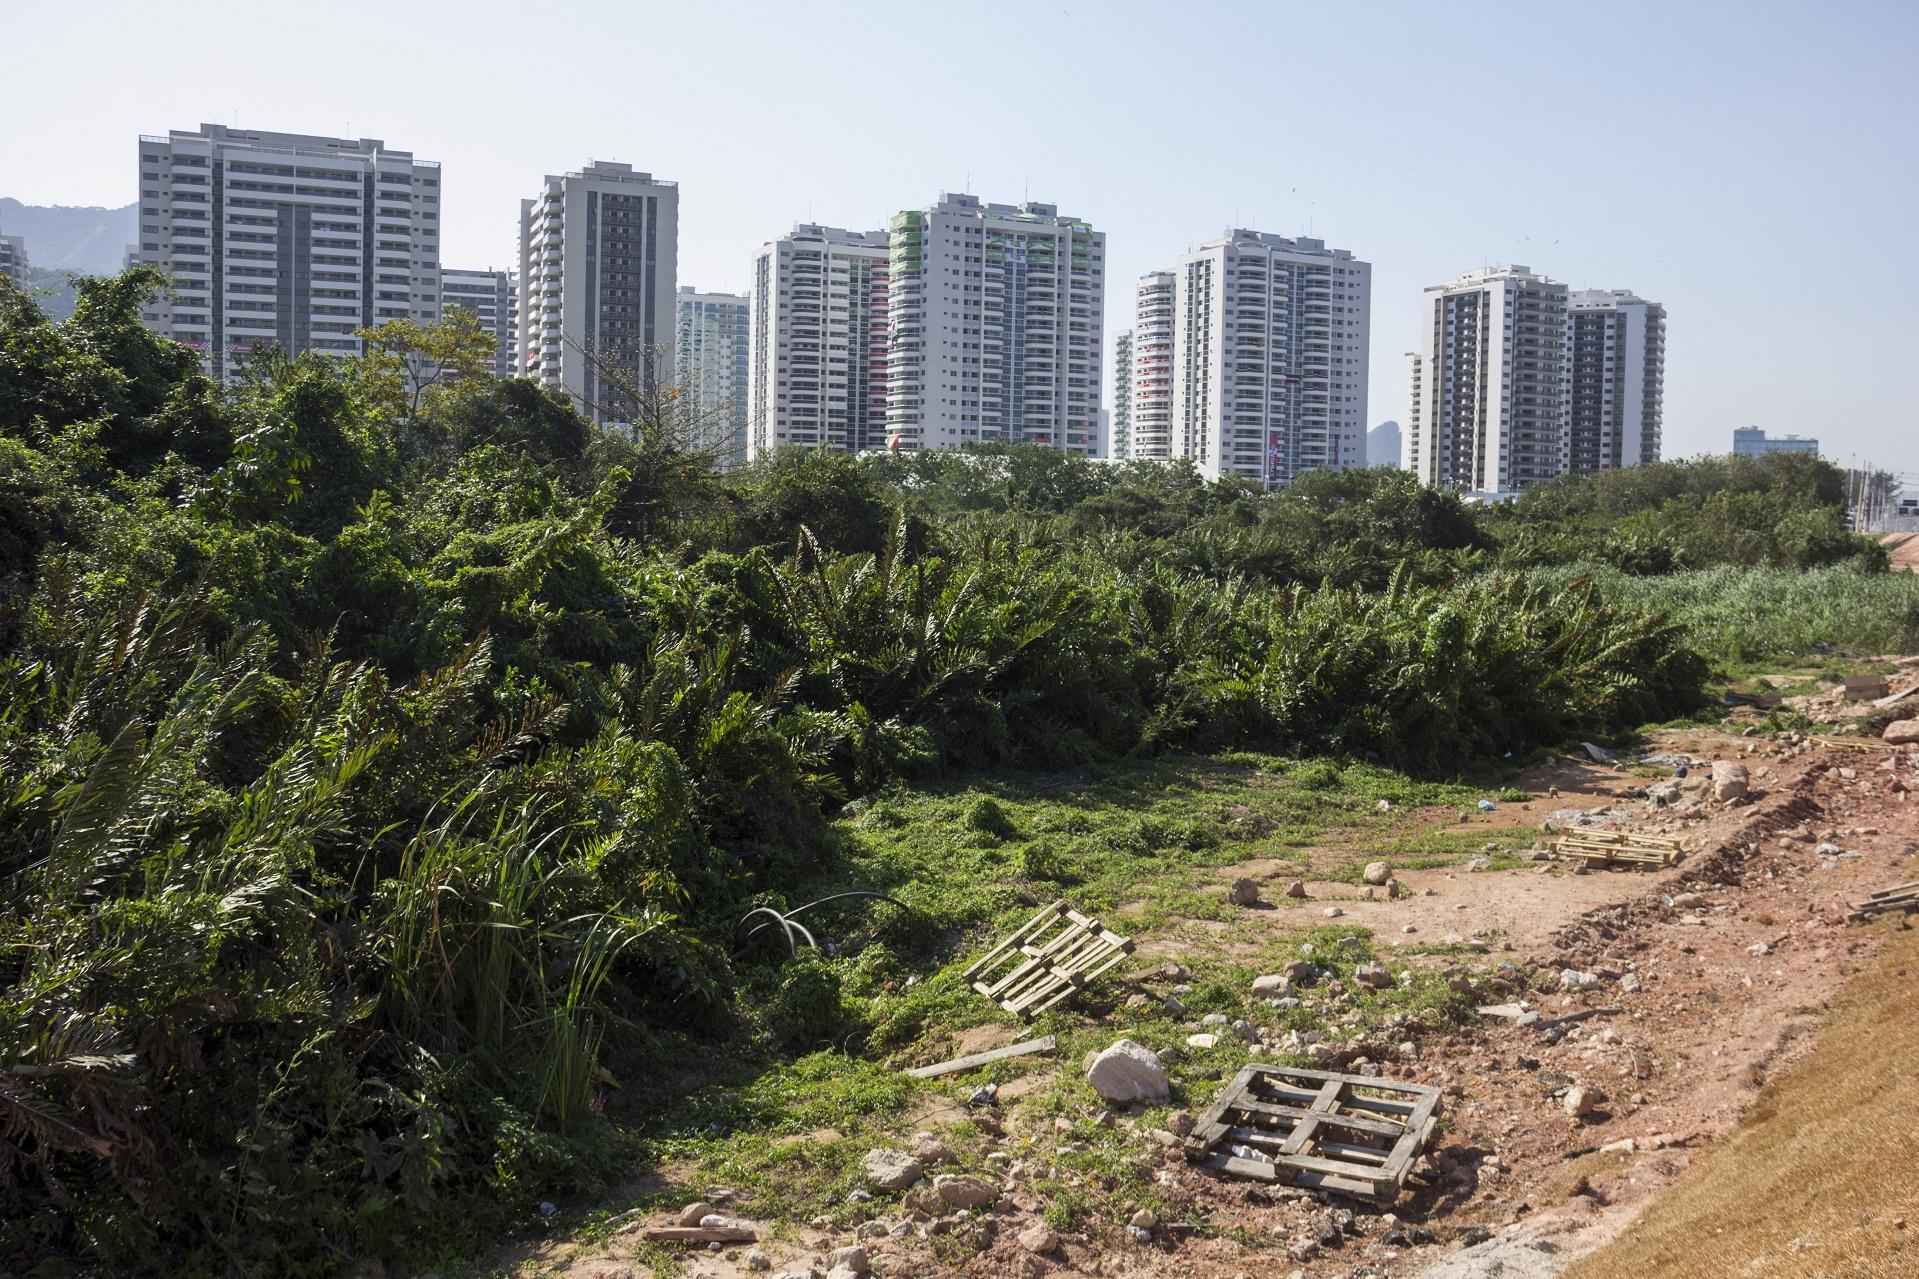 Além da crônica falta de saneamento, tudo indica que a construções de hotéis para a Rio 2016 foi superestimada